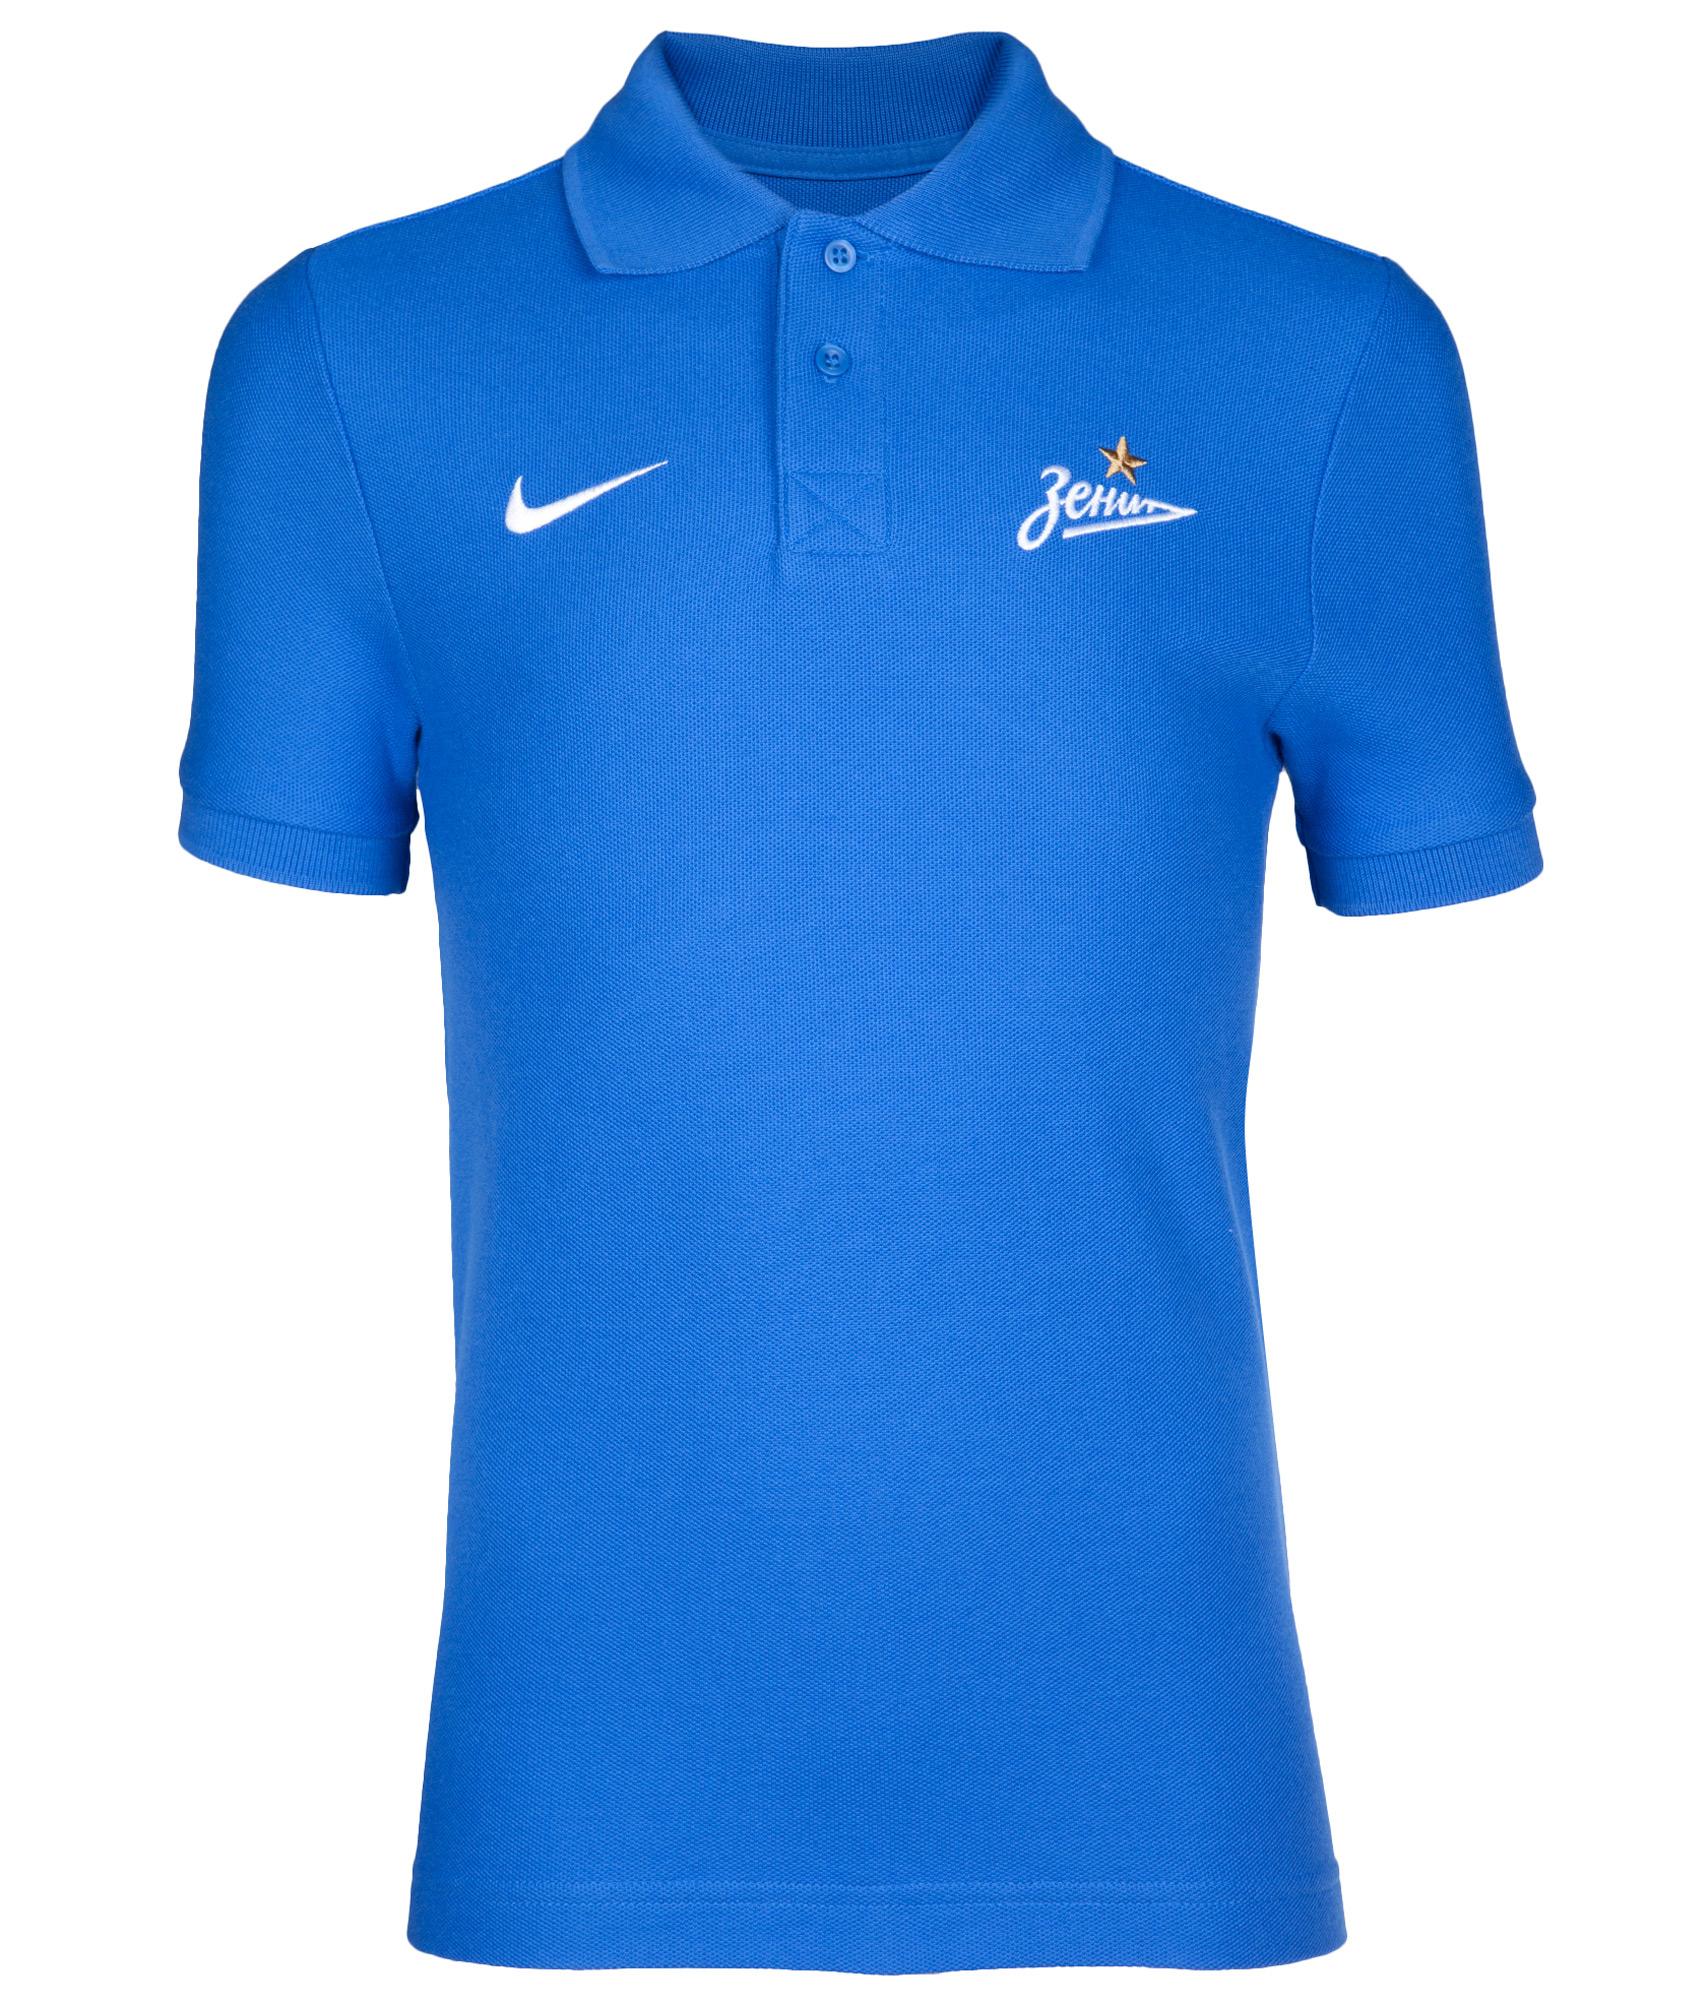 Поло подростковое Nike Nike Цвет-Синий